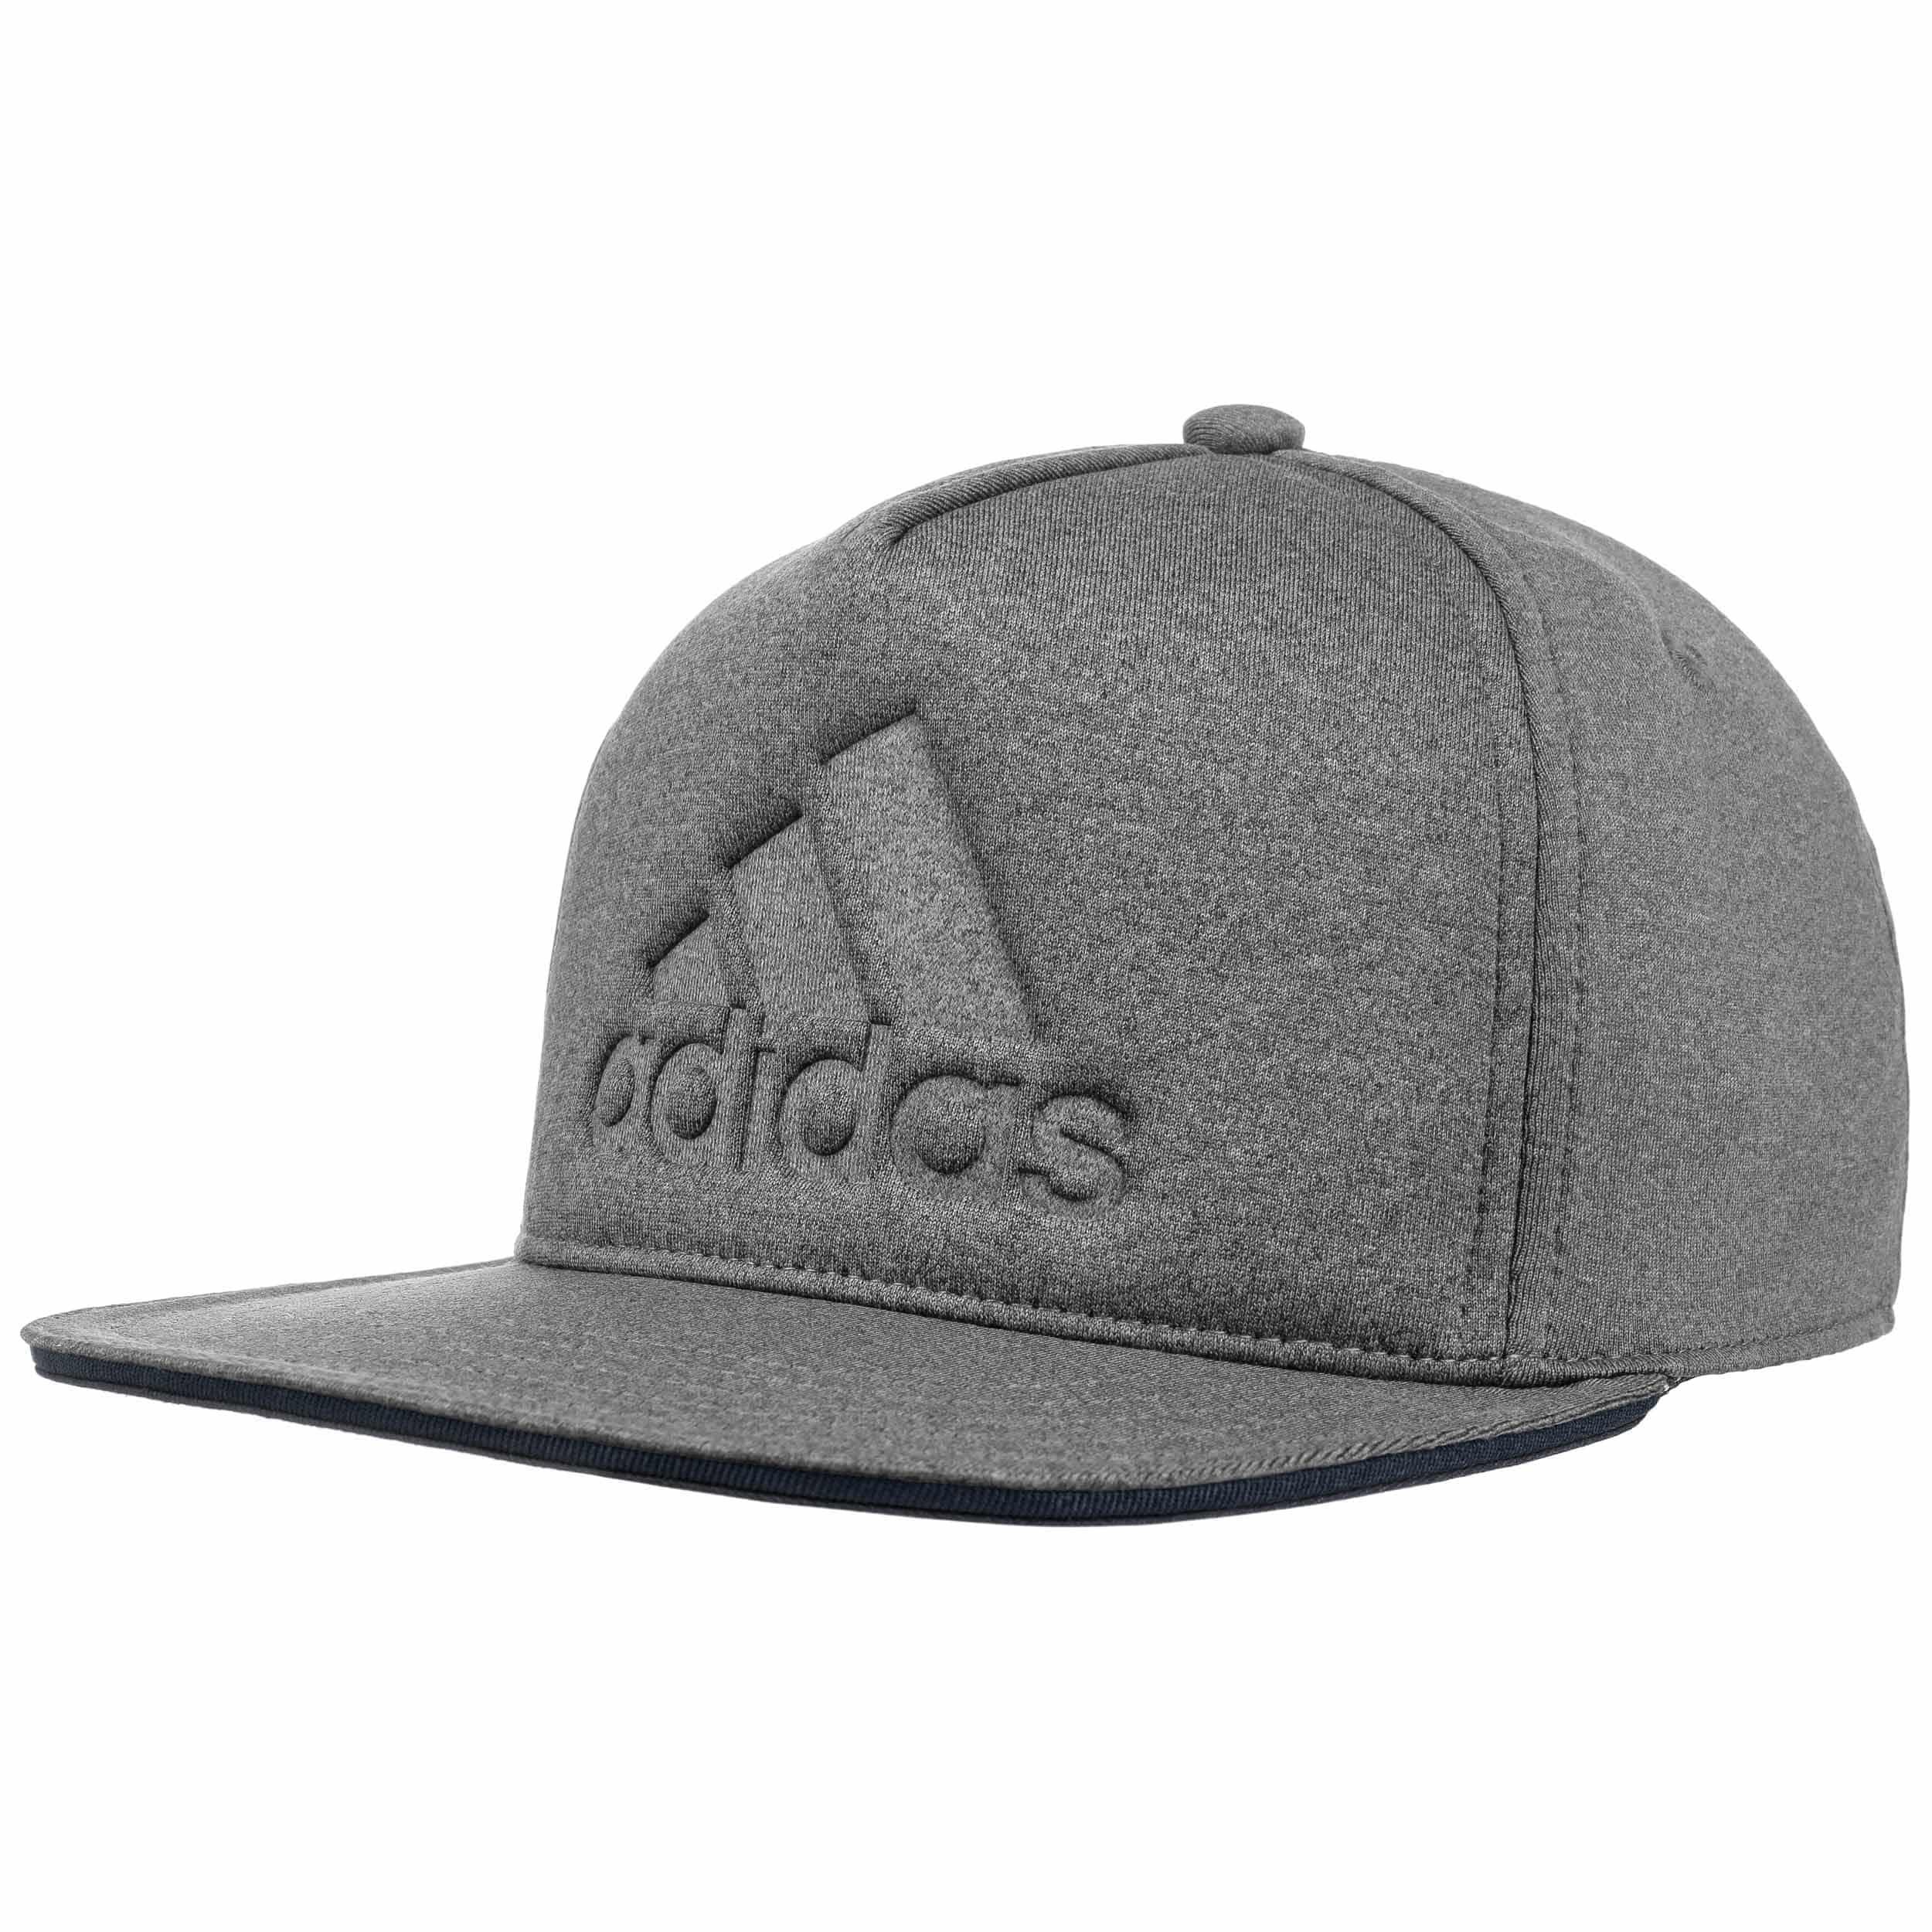 Flat Brim Snapback Cap by adidas